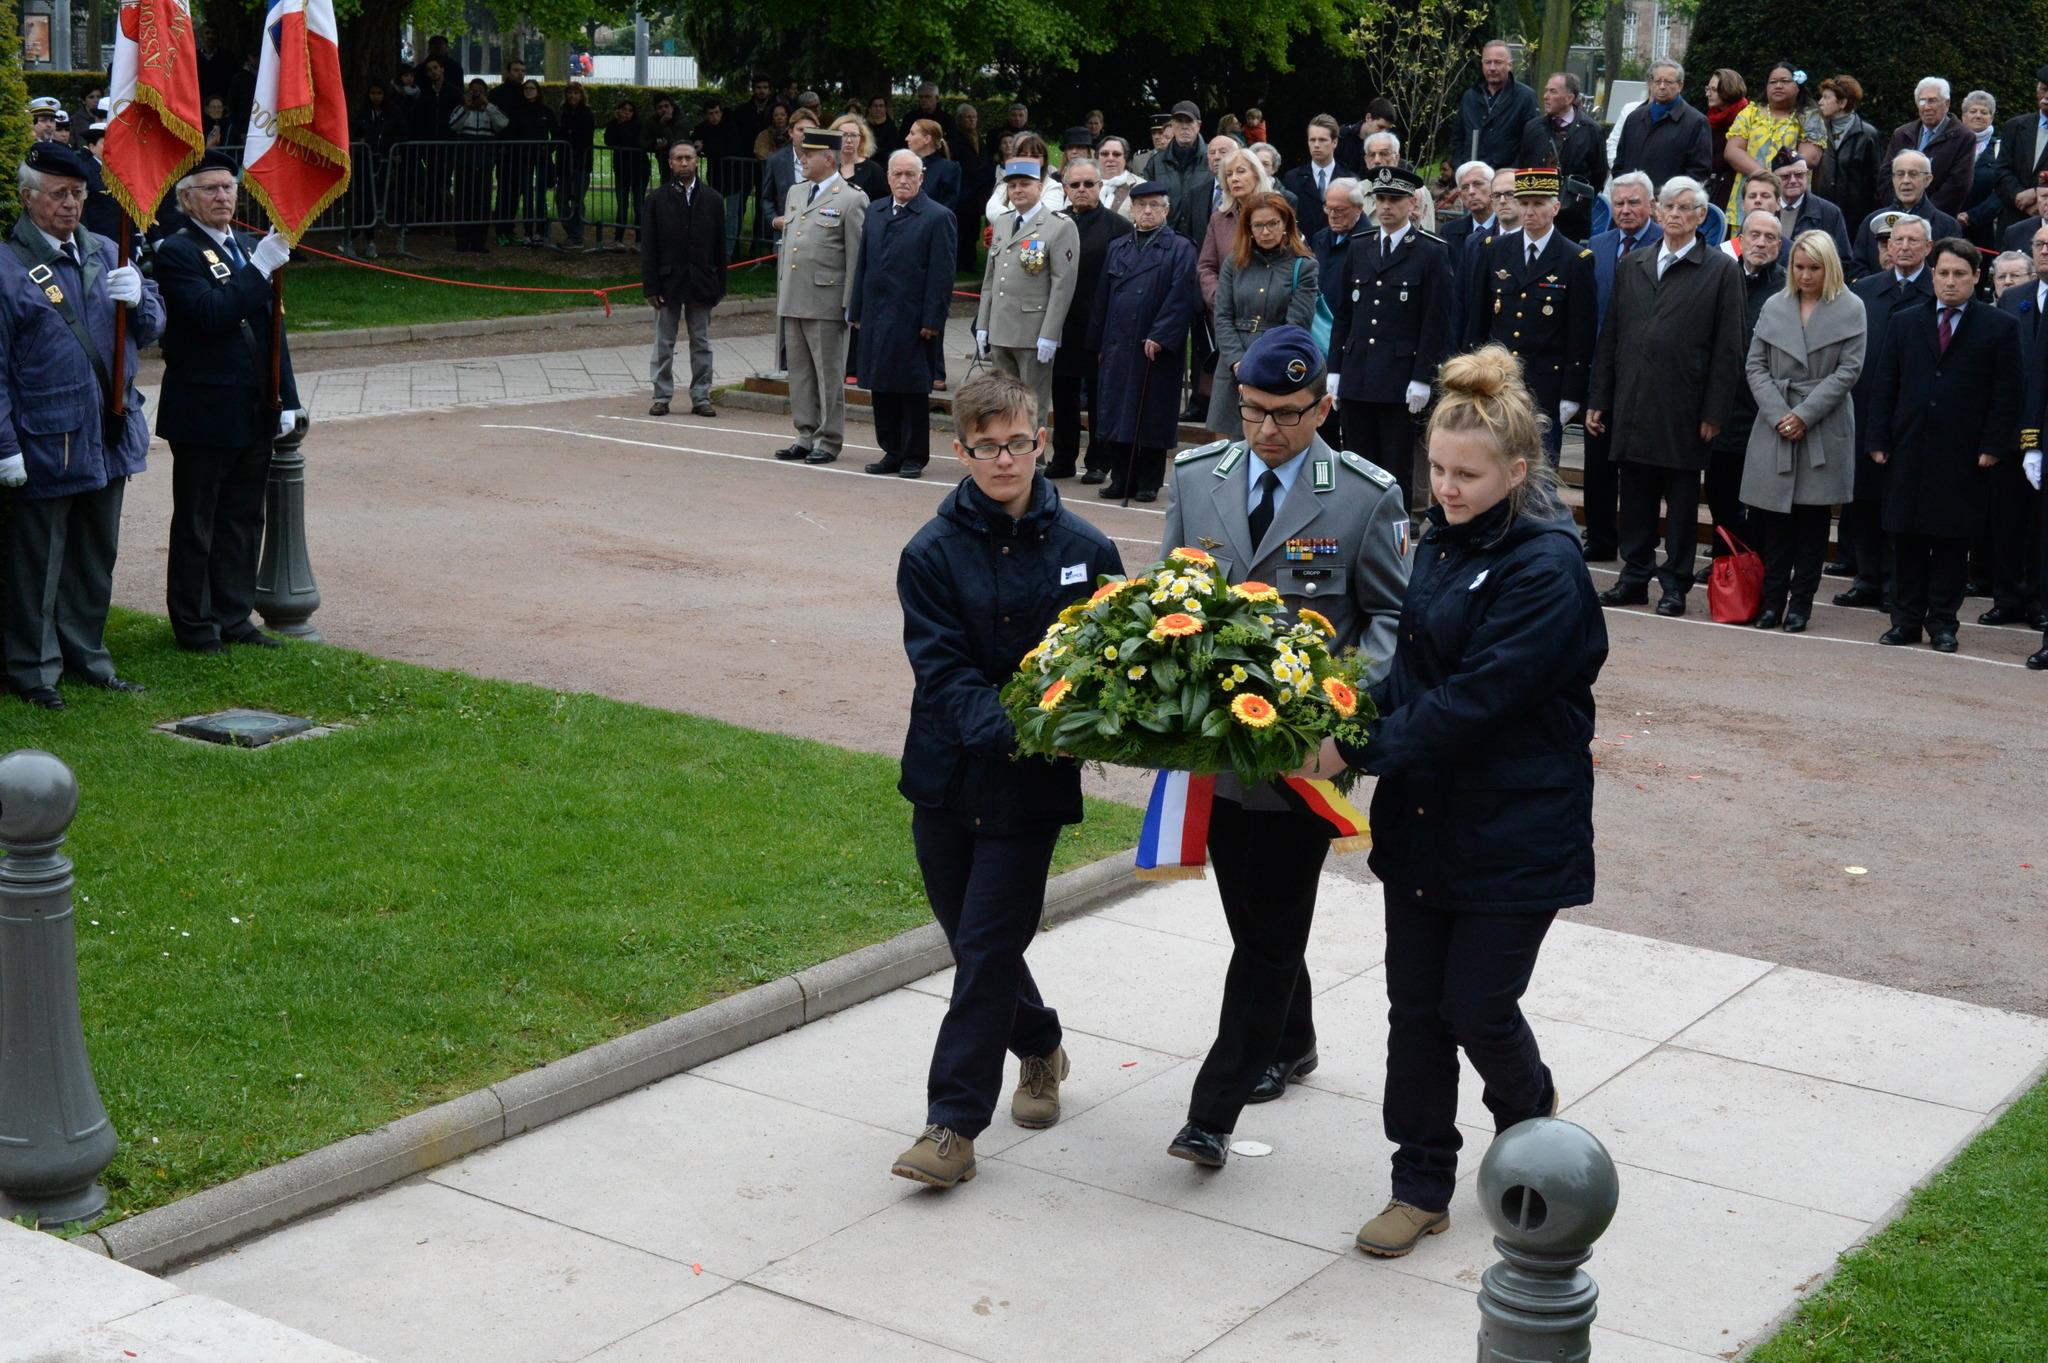 Der Kommandeur des Jägerbataillons 291, Oberstleutnant Marc-Ulrich Cropp, legt am 8. Mai in Straßburg einen Kranz zum Gedenken der Kriegstoten des Zweiten Weltkrieges nieder.